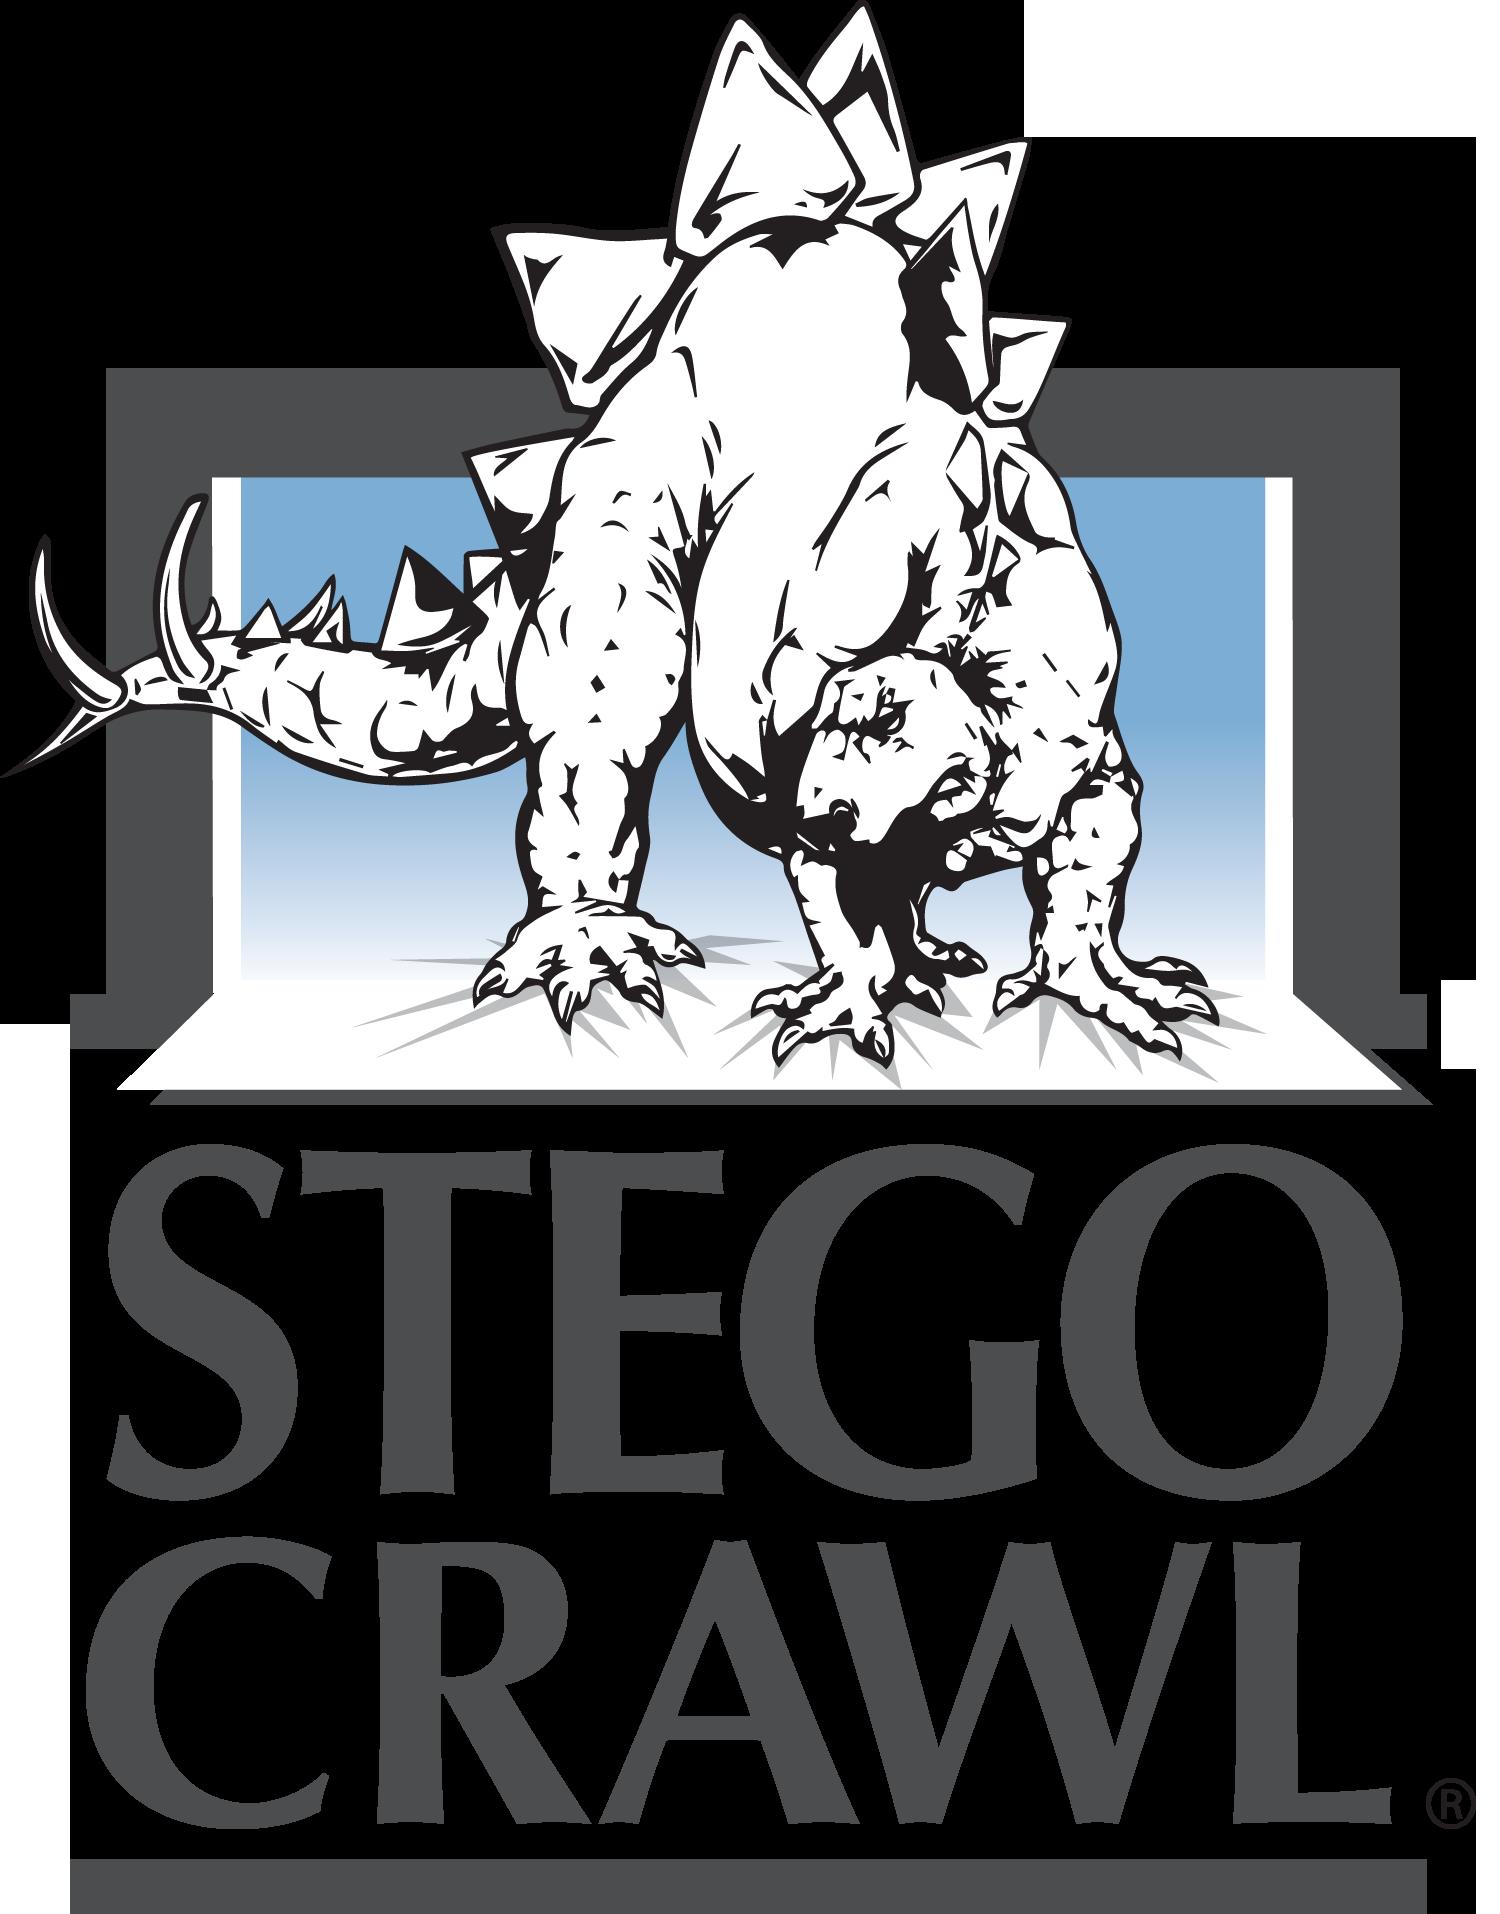 stego-crawl-transparent-imag-1.png